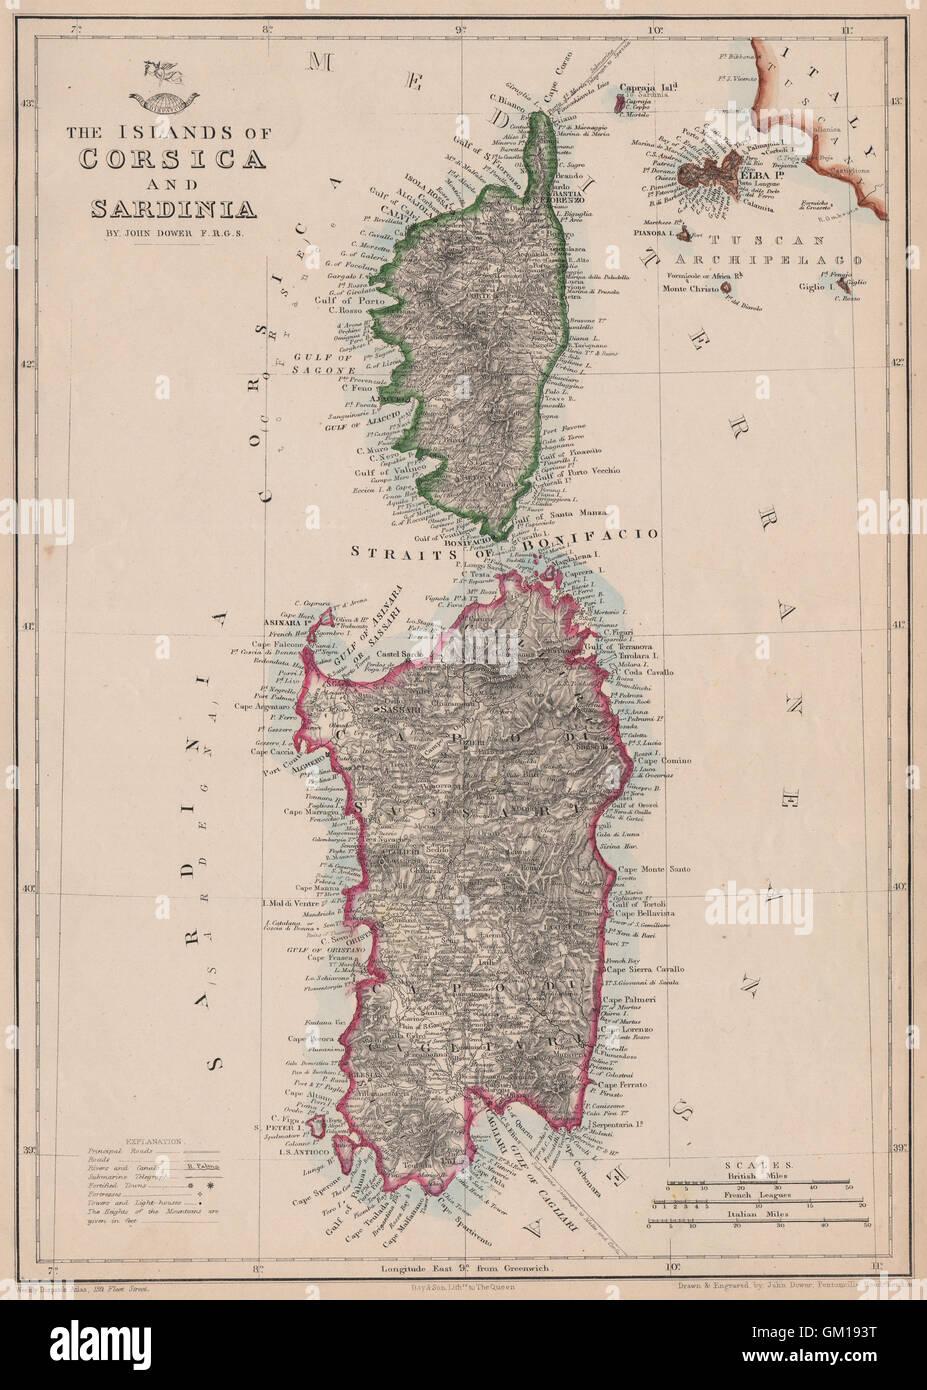 Mapa Corcega Y Cerdeña.Las Islas De Corcega Y Cerdena Elba John Bienes Dotales